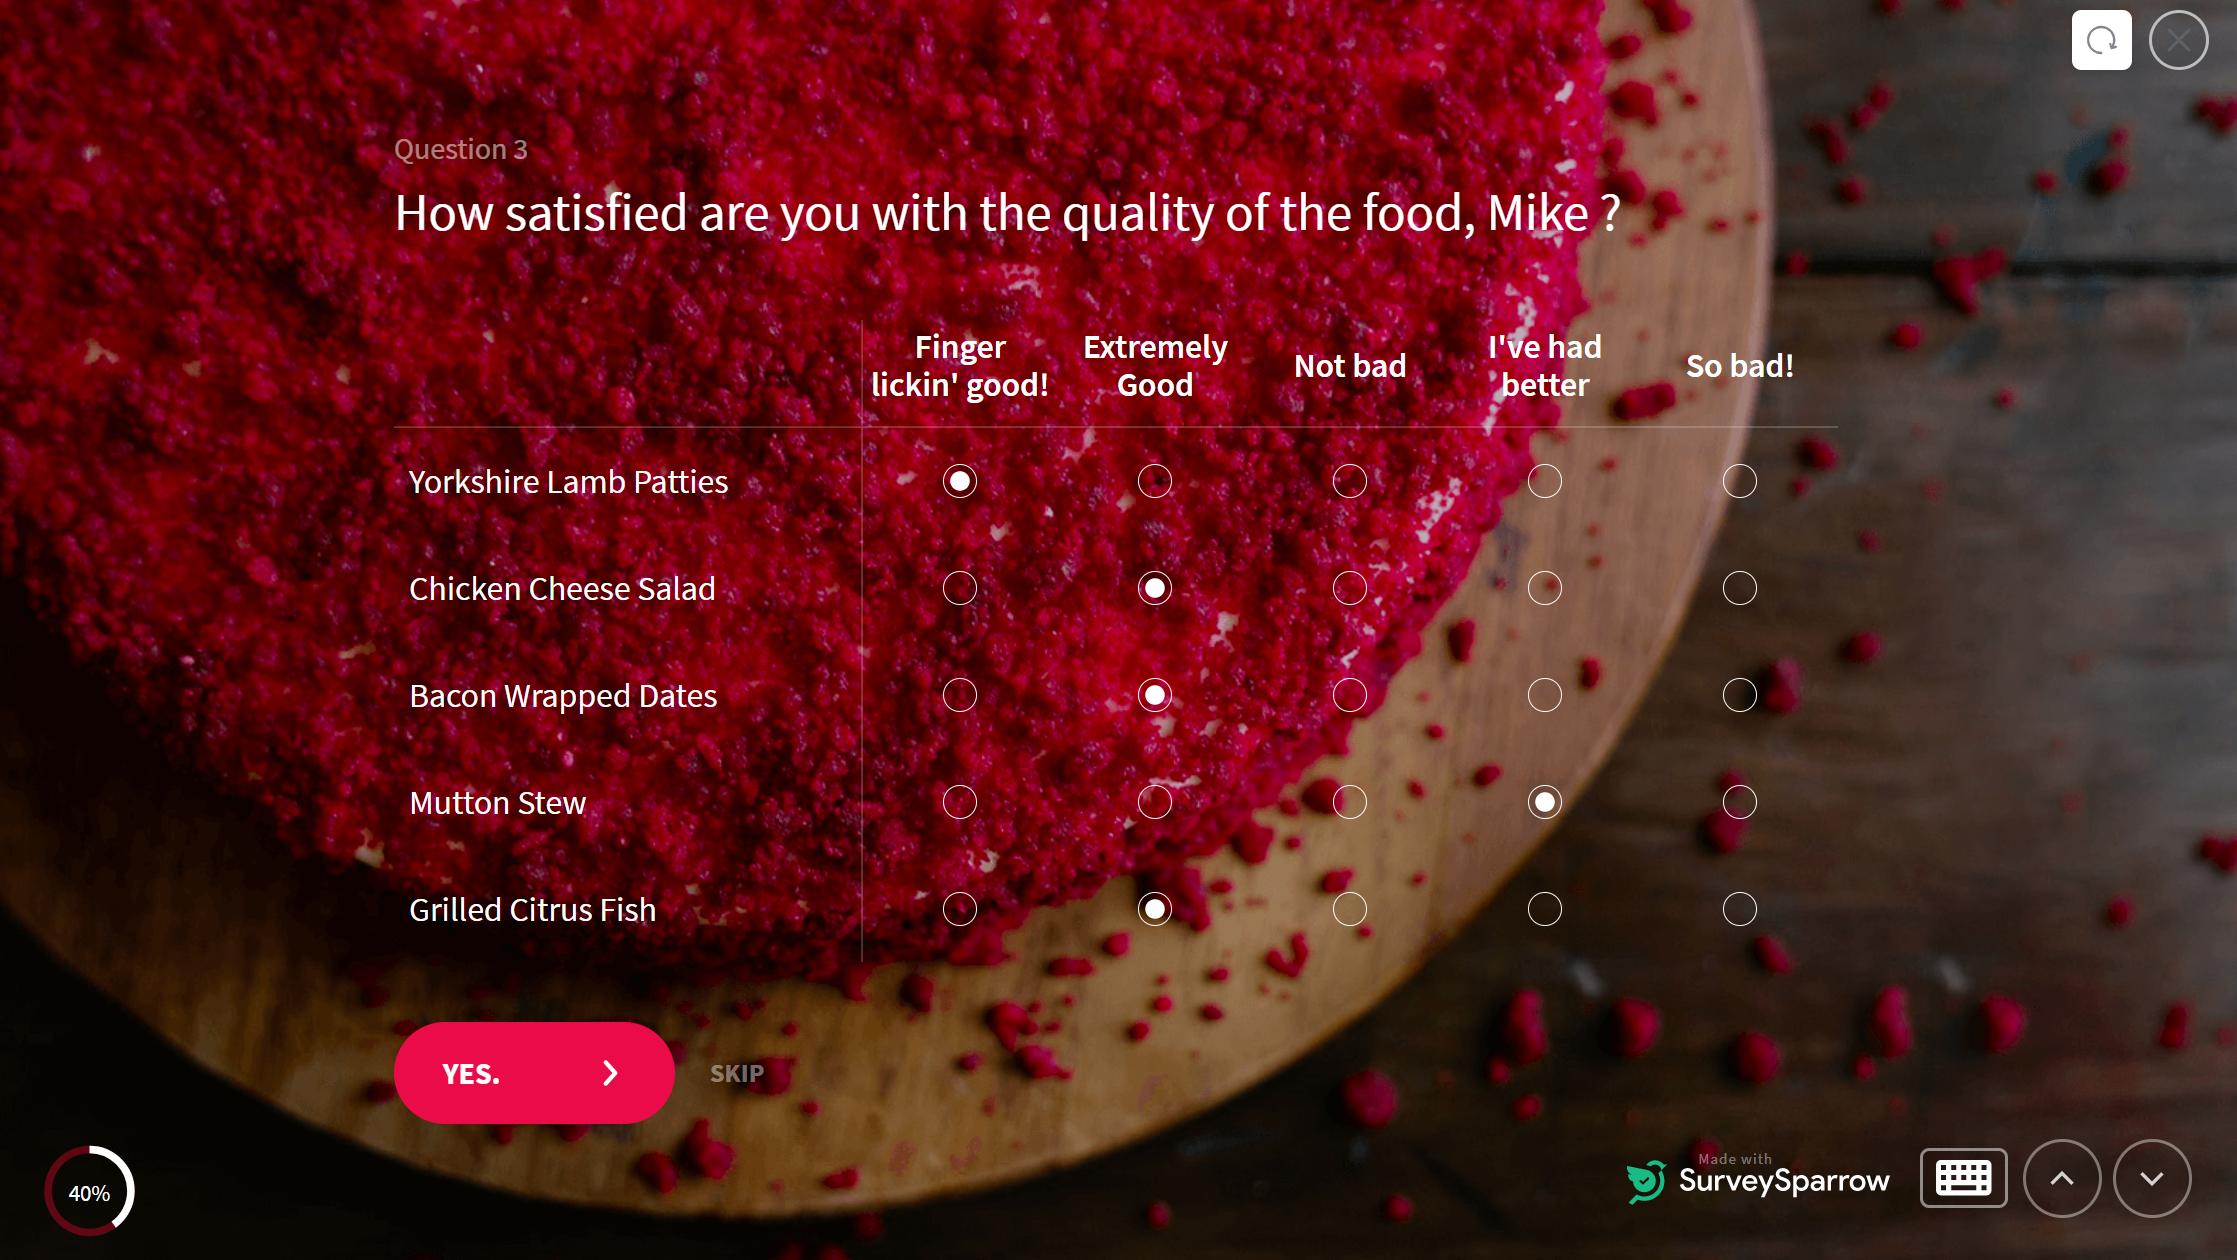 likert scale in restaurant feedback survey